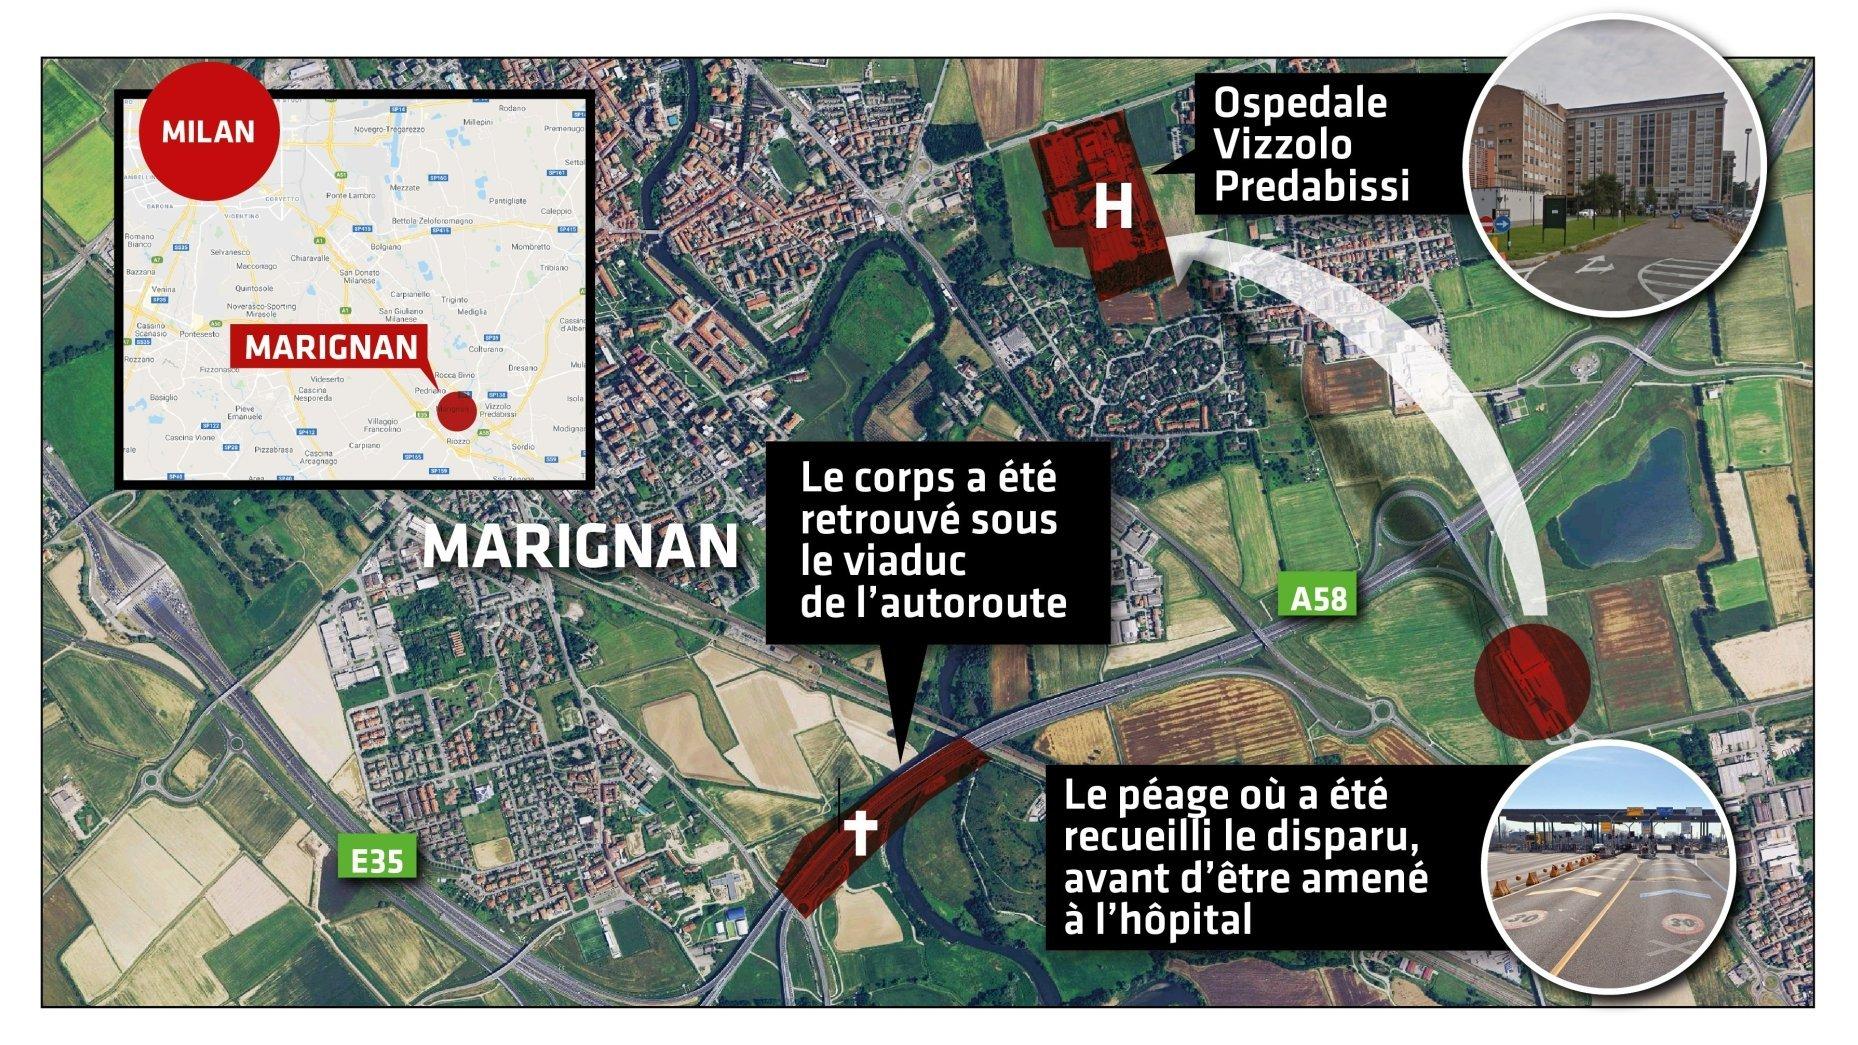 Pris en charge par la police et une ambulance à une sortie autoroutière de l'A58 le lendemain de sa disparition, le Valaisan est contrôlé dans un hôpital voisin qu'il quittera à sa demande.